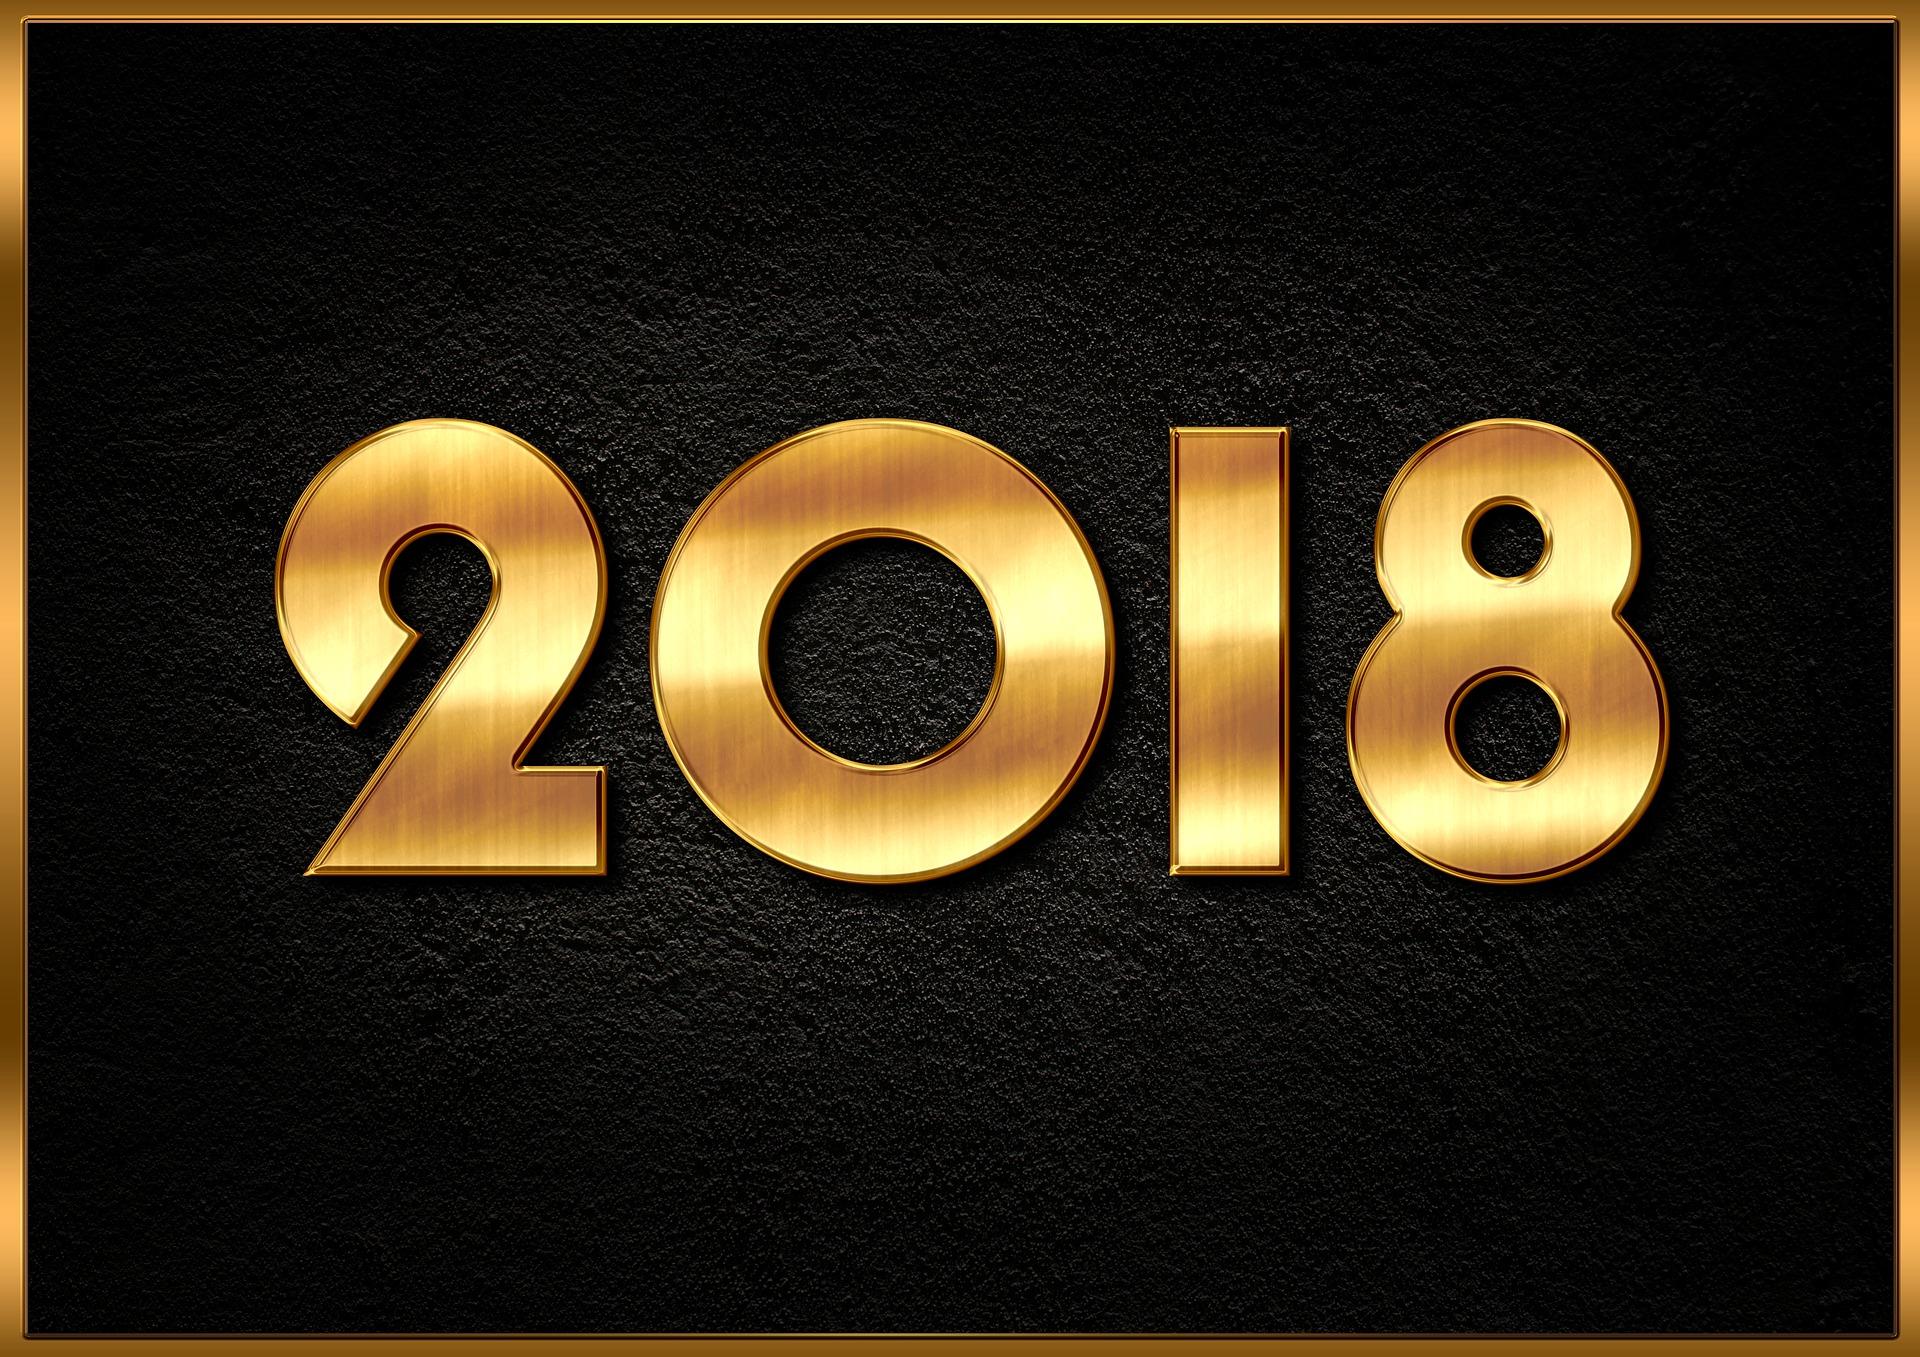 Najlepsze perfumy 2018 - podsumowanie